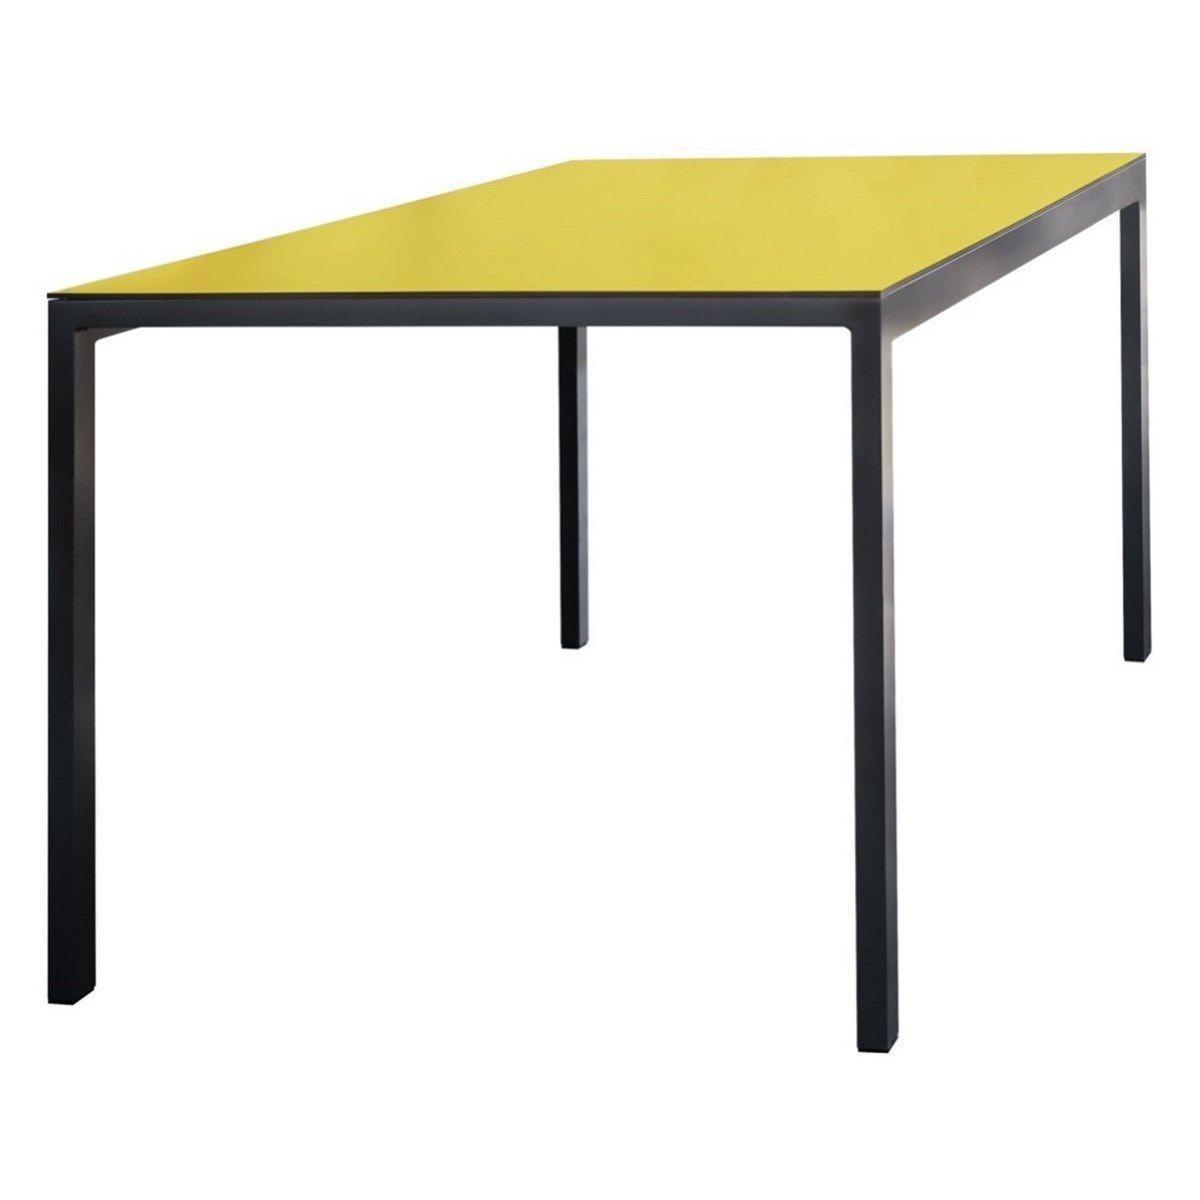 Table De Jardin Rectangulaire Cora En Aluminium Et Plateau ... encequiconcerne Table De Jardin Cora